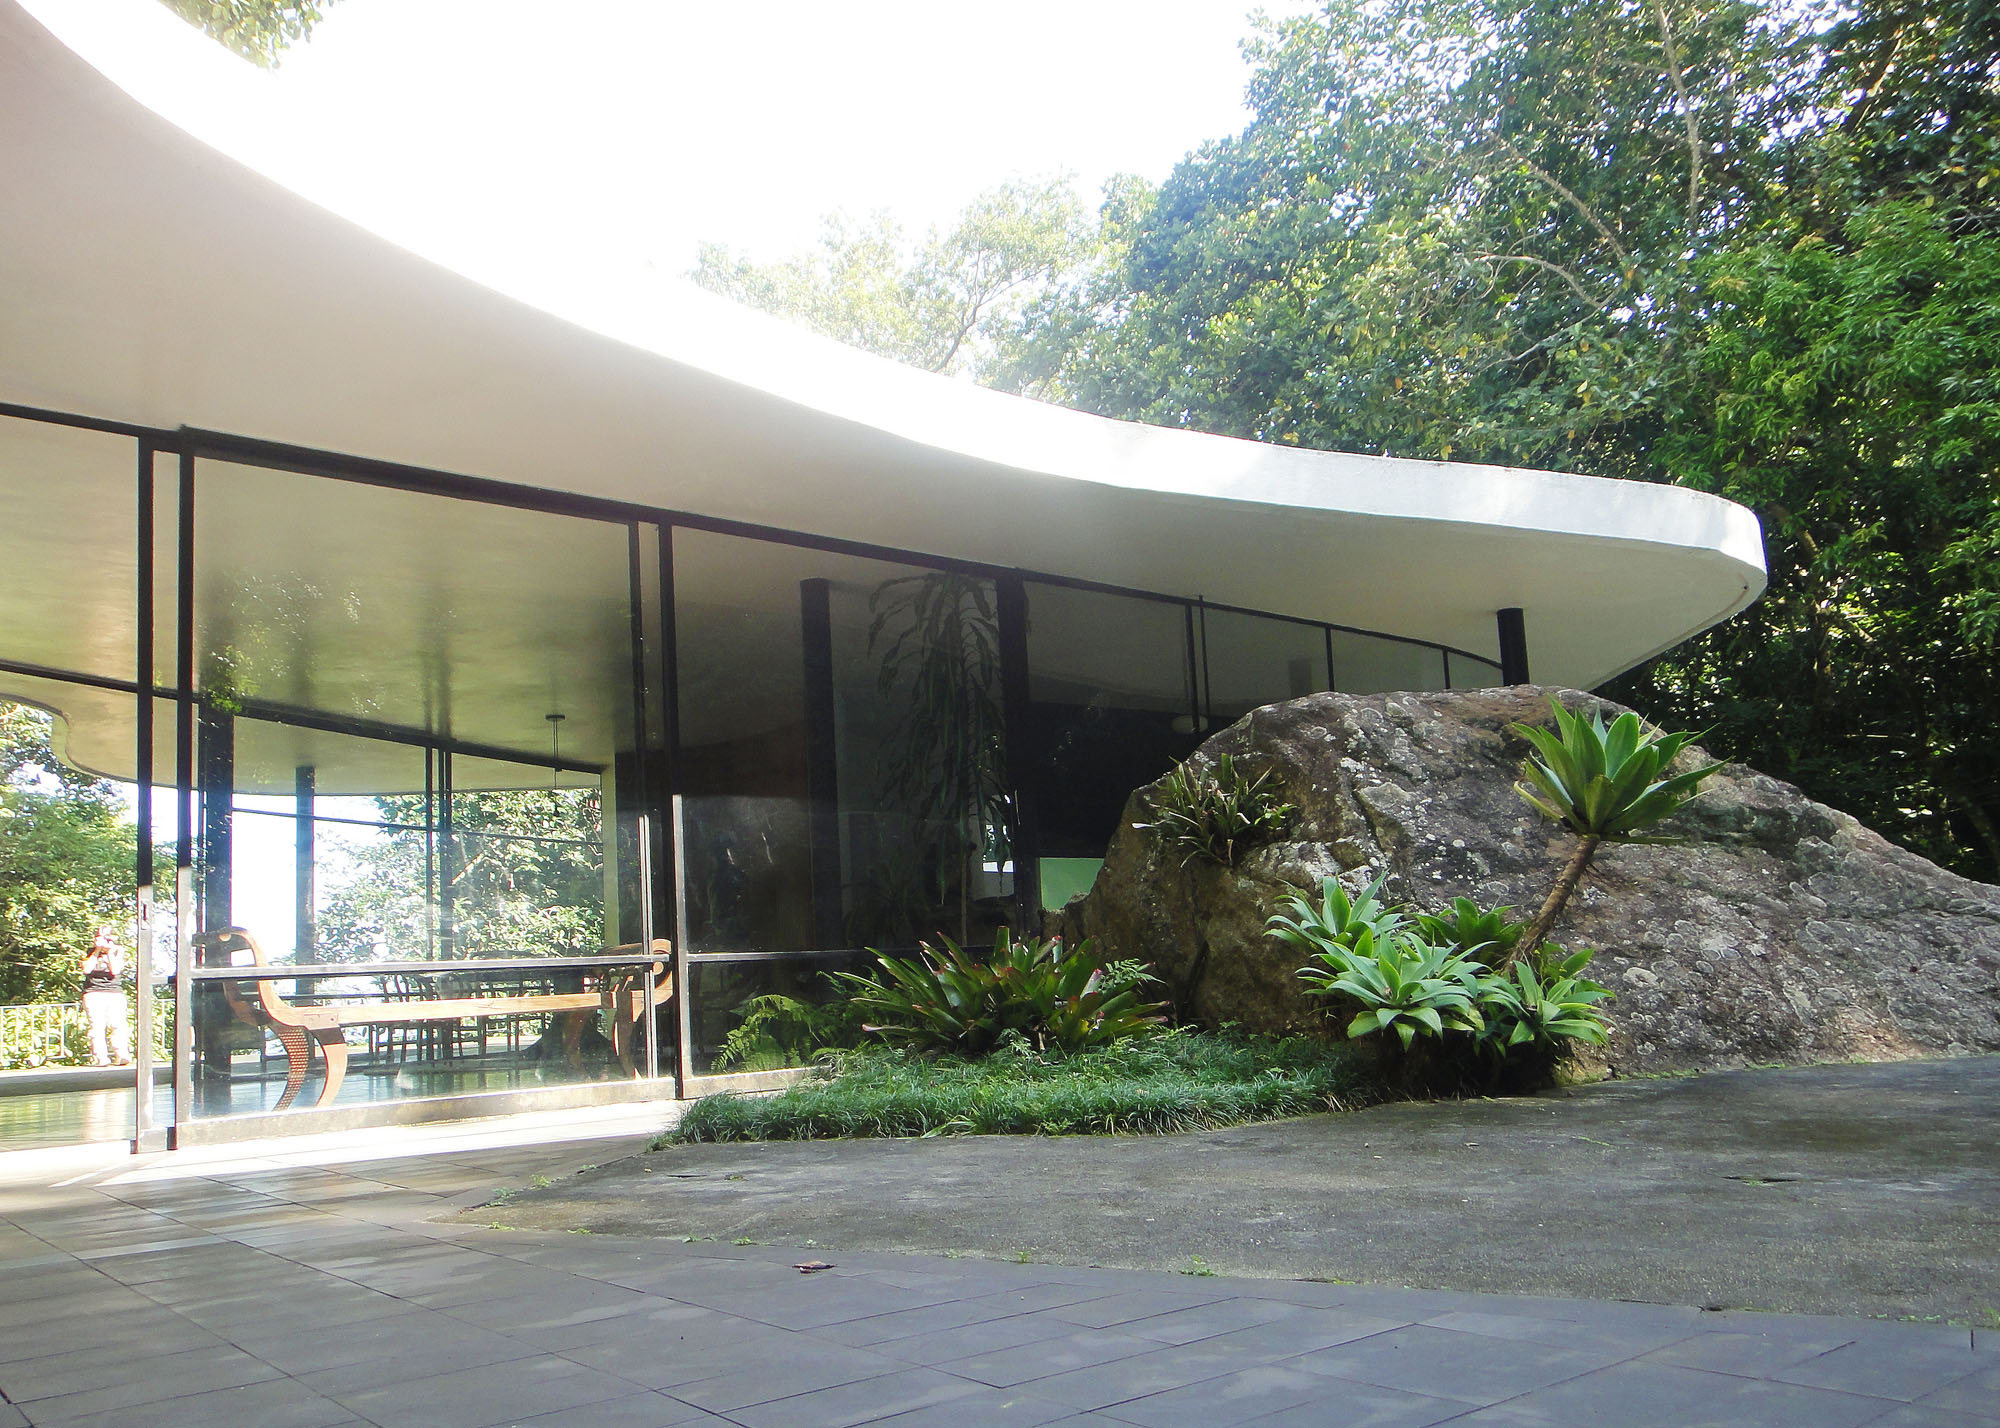 Дом бразильского архитектора Оскара Нимейера